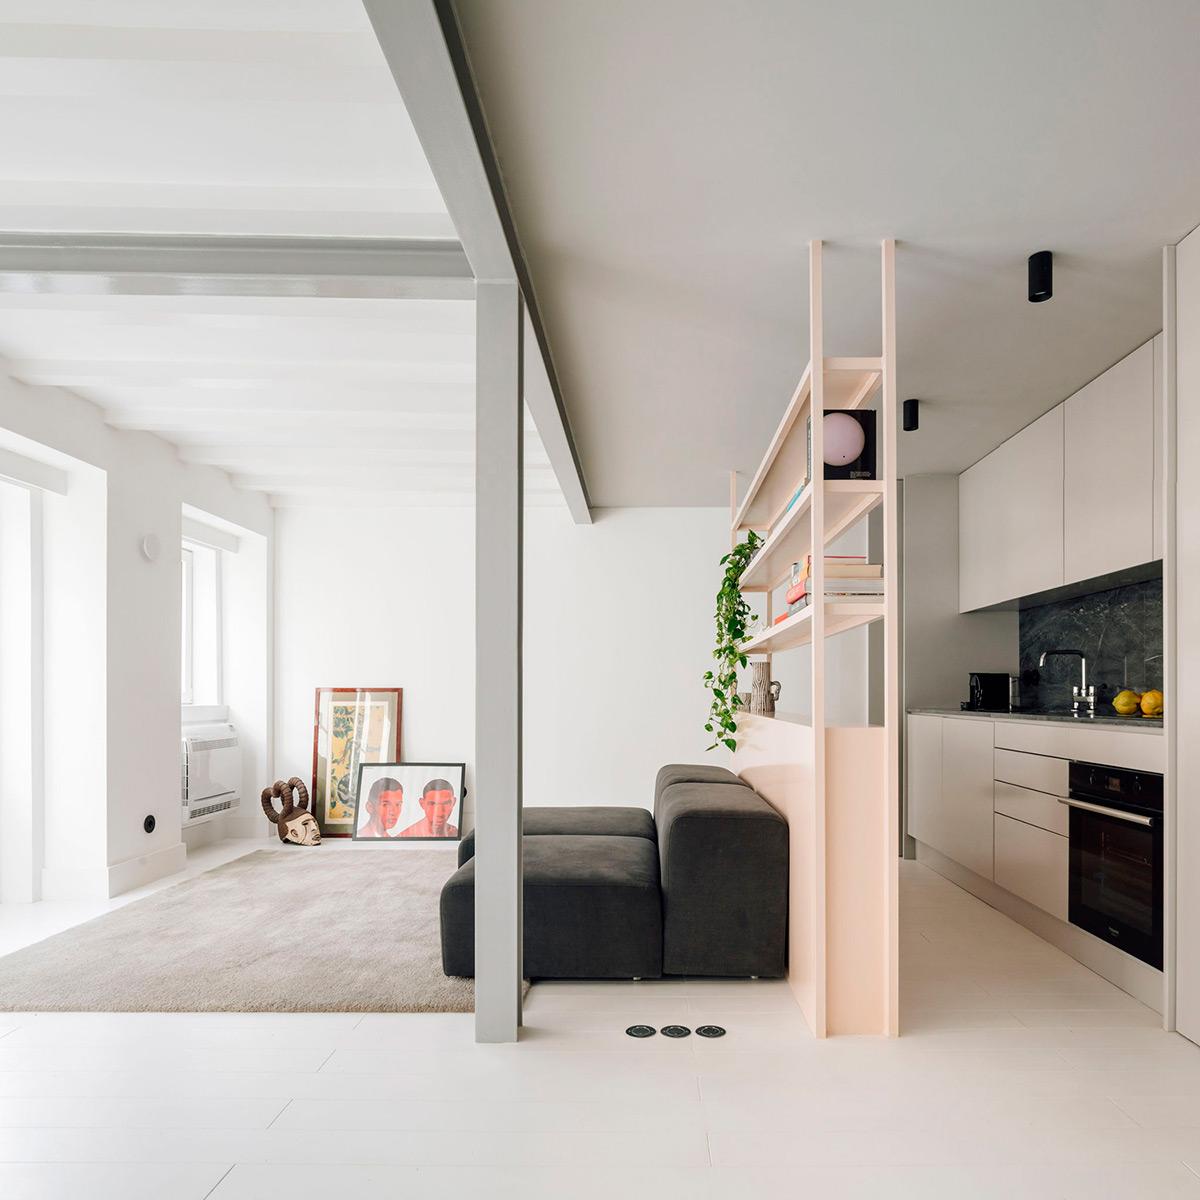 RGM-46-Duarte-Caldas-Architectural-Design-01